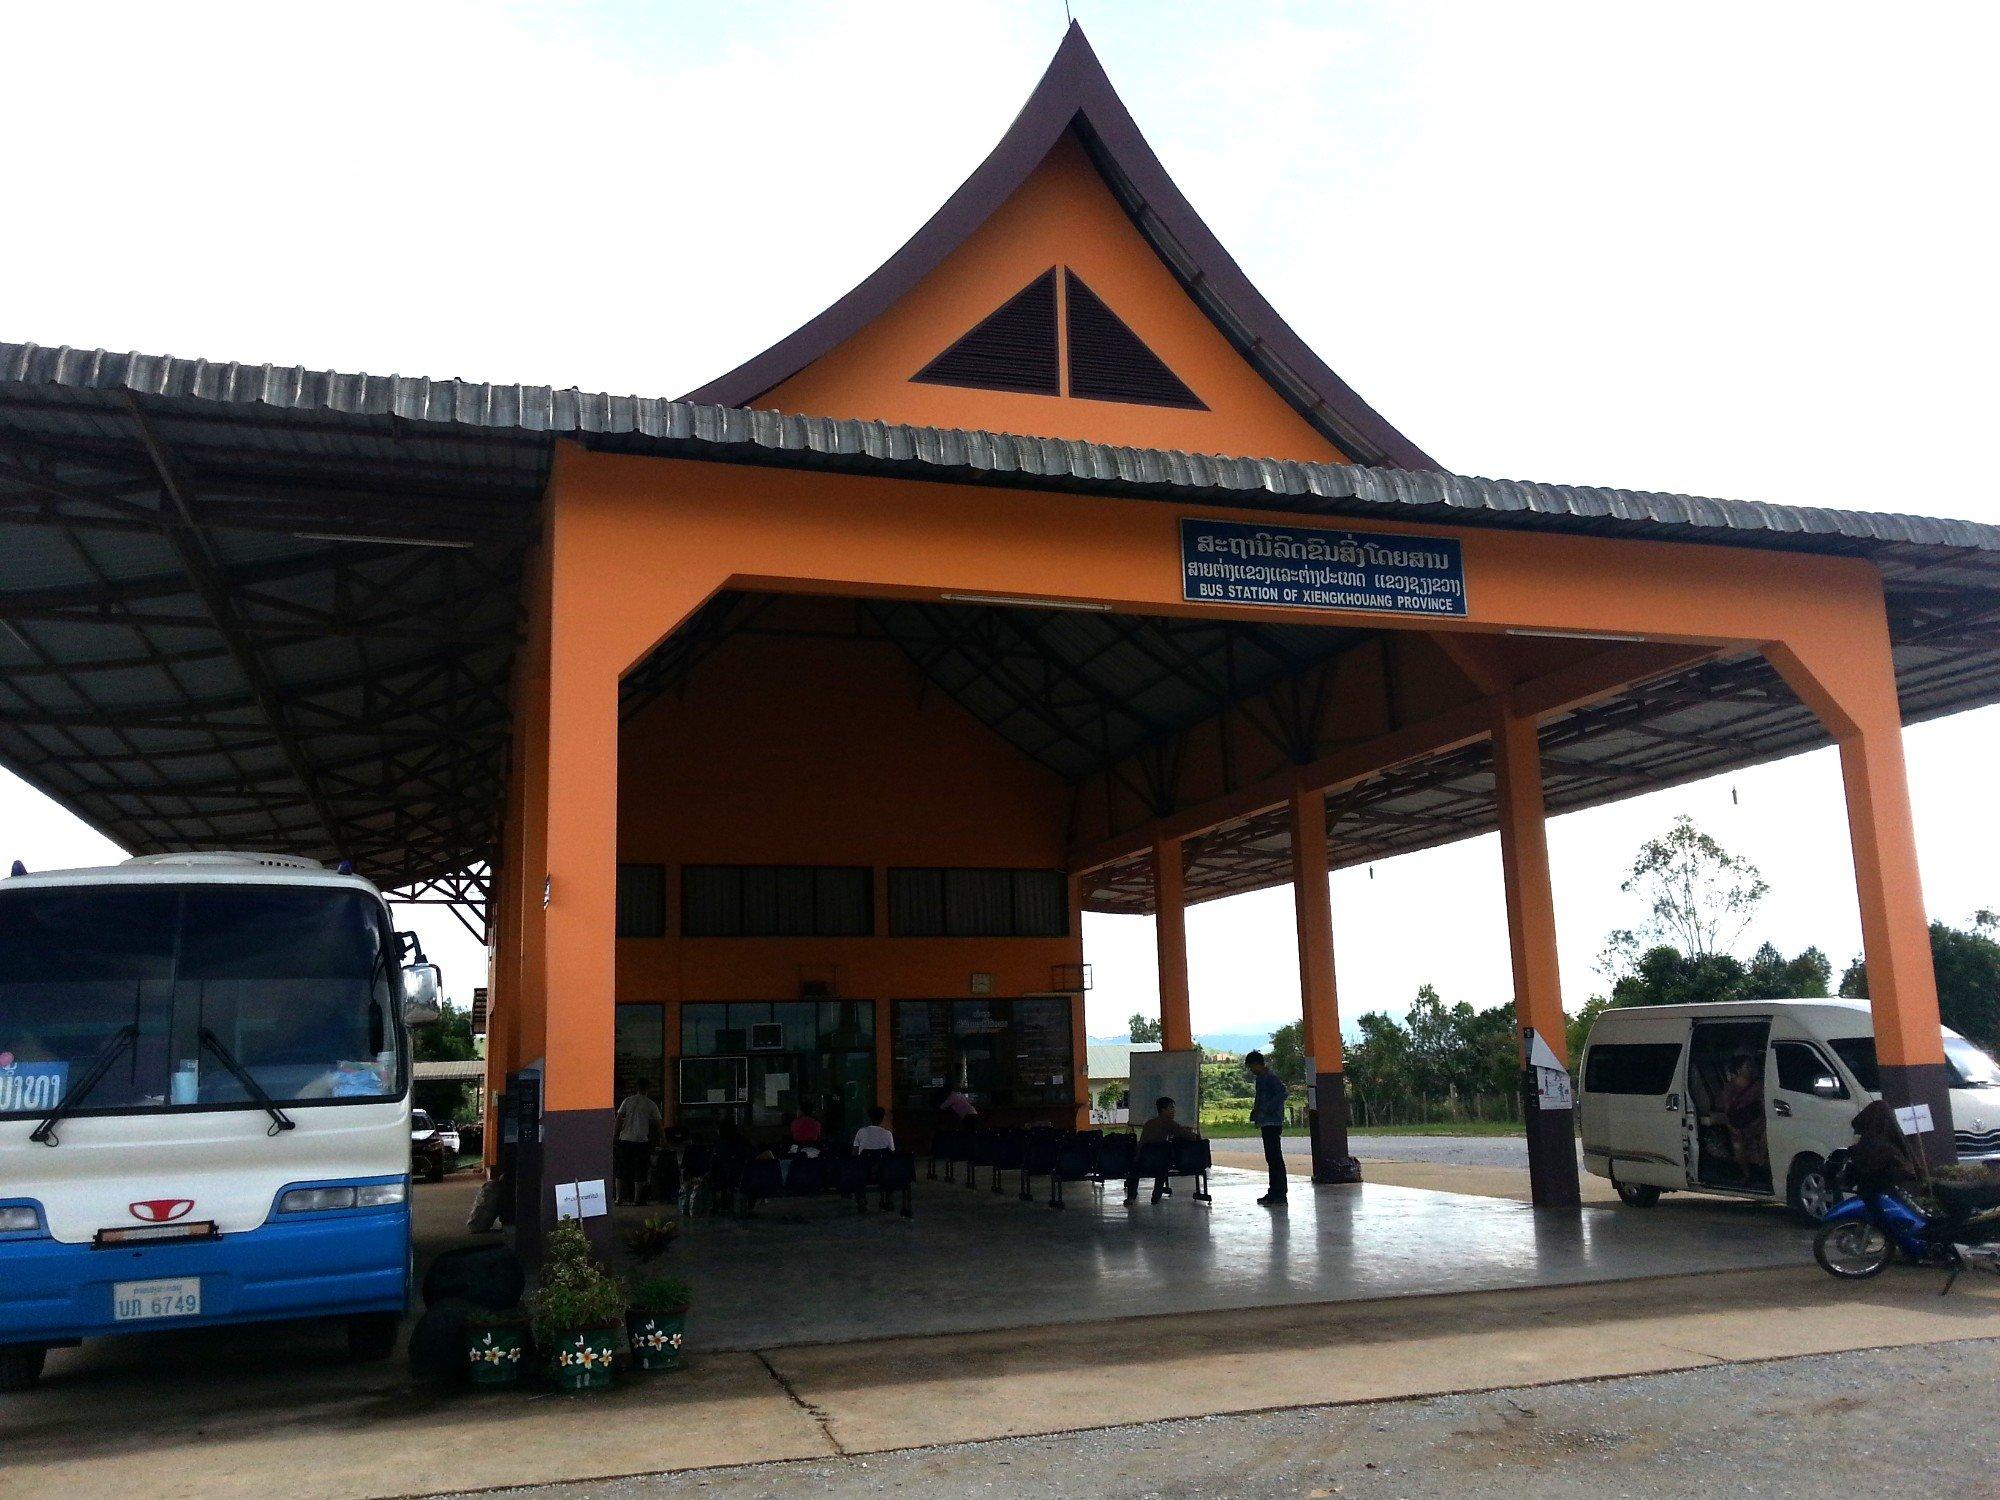 Arrival in Phonsavan